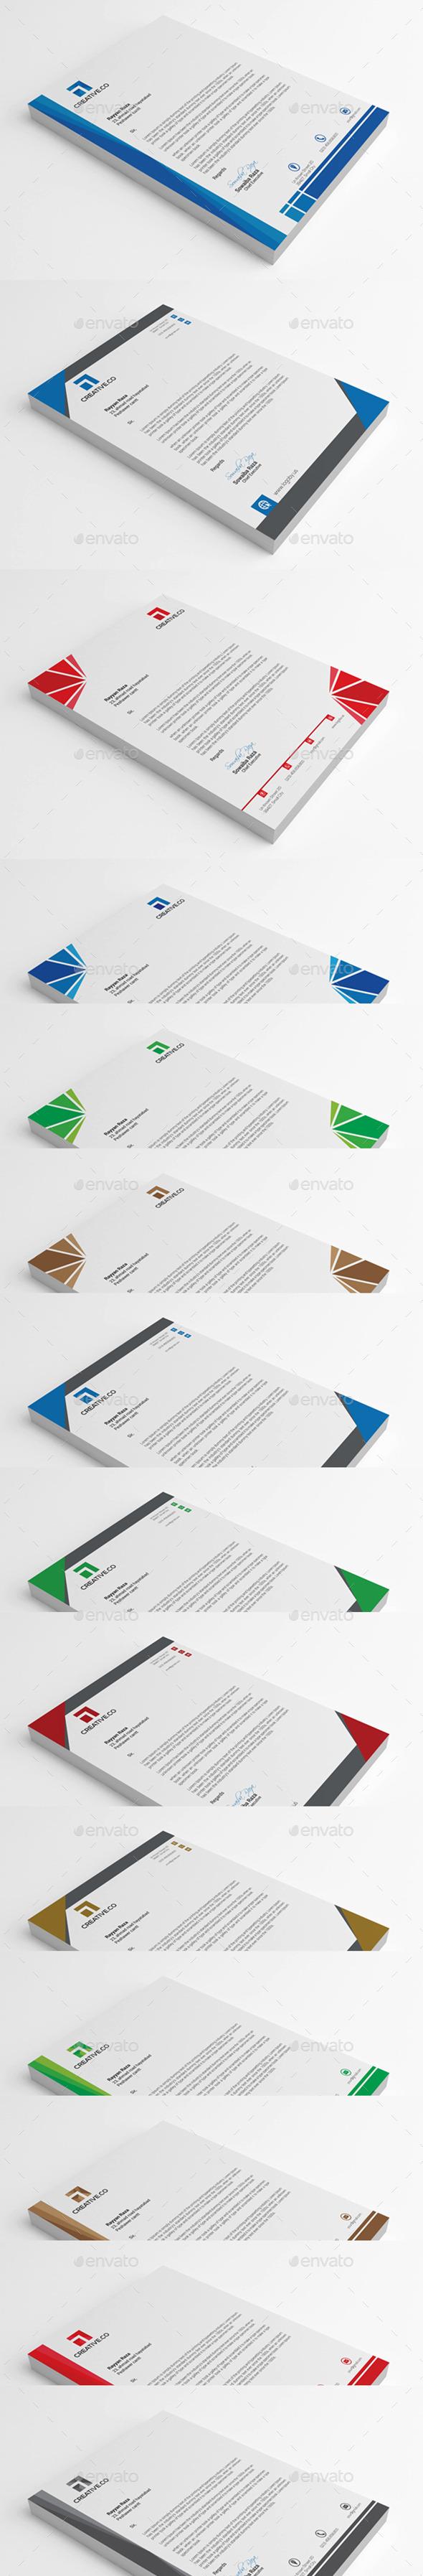 GraphicRiver Letterhead Bundle 10323486